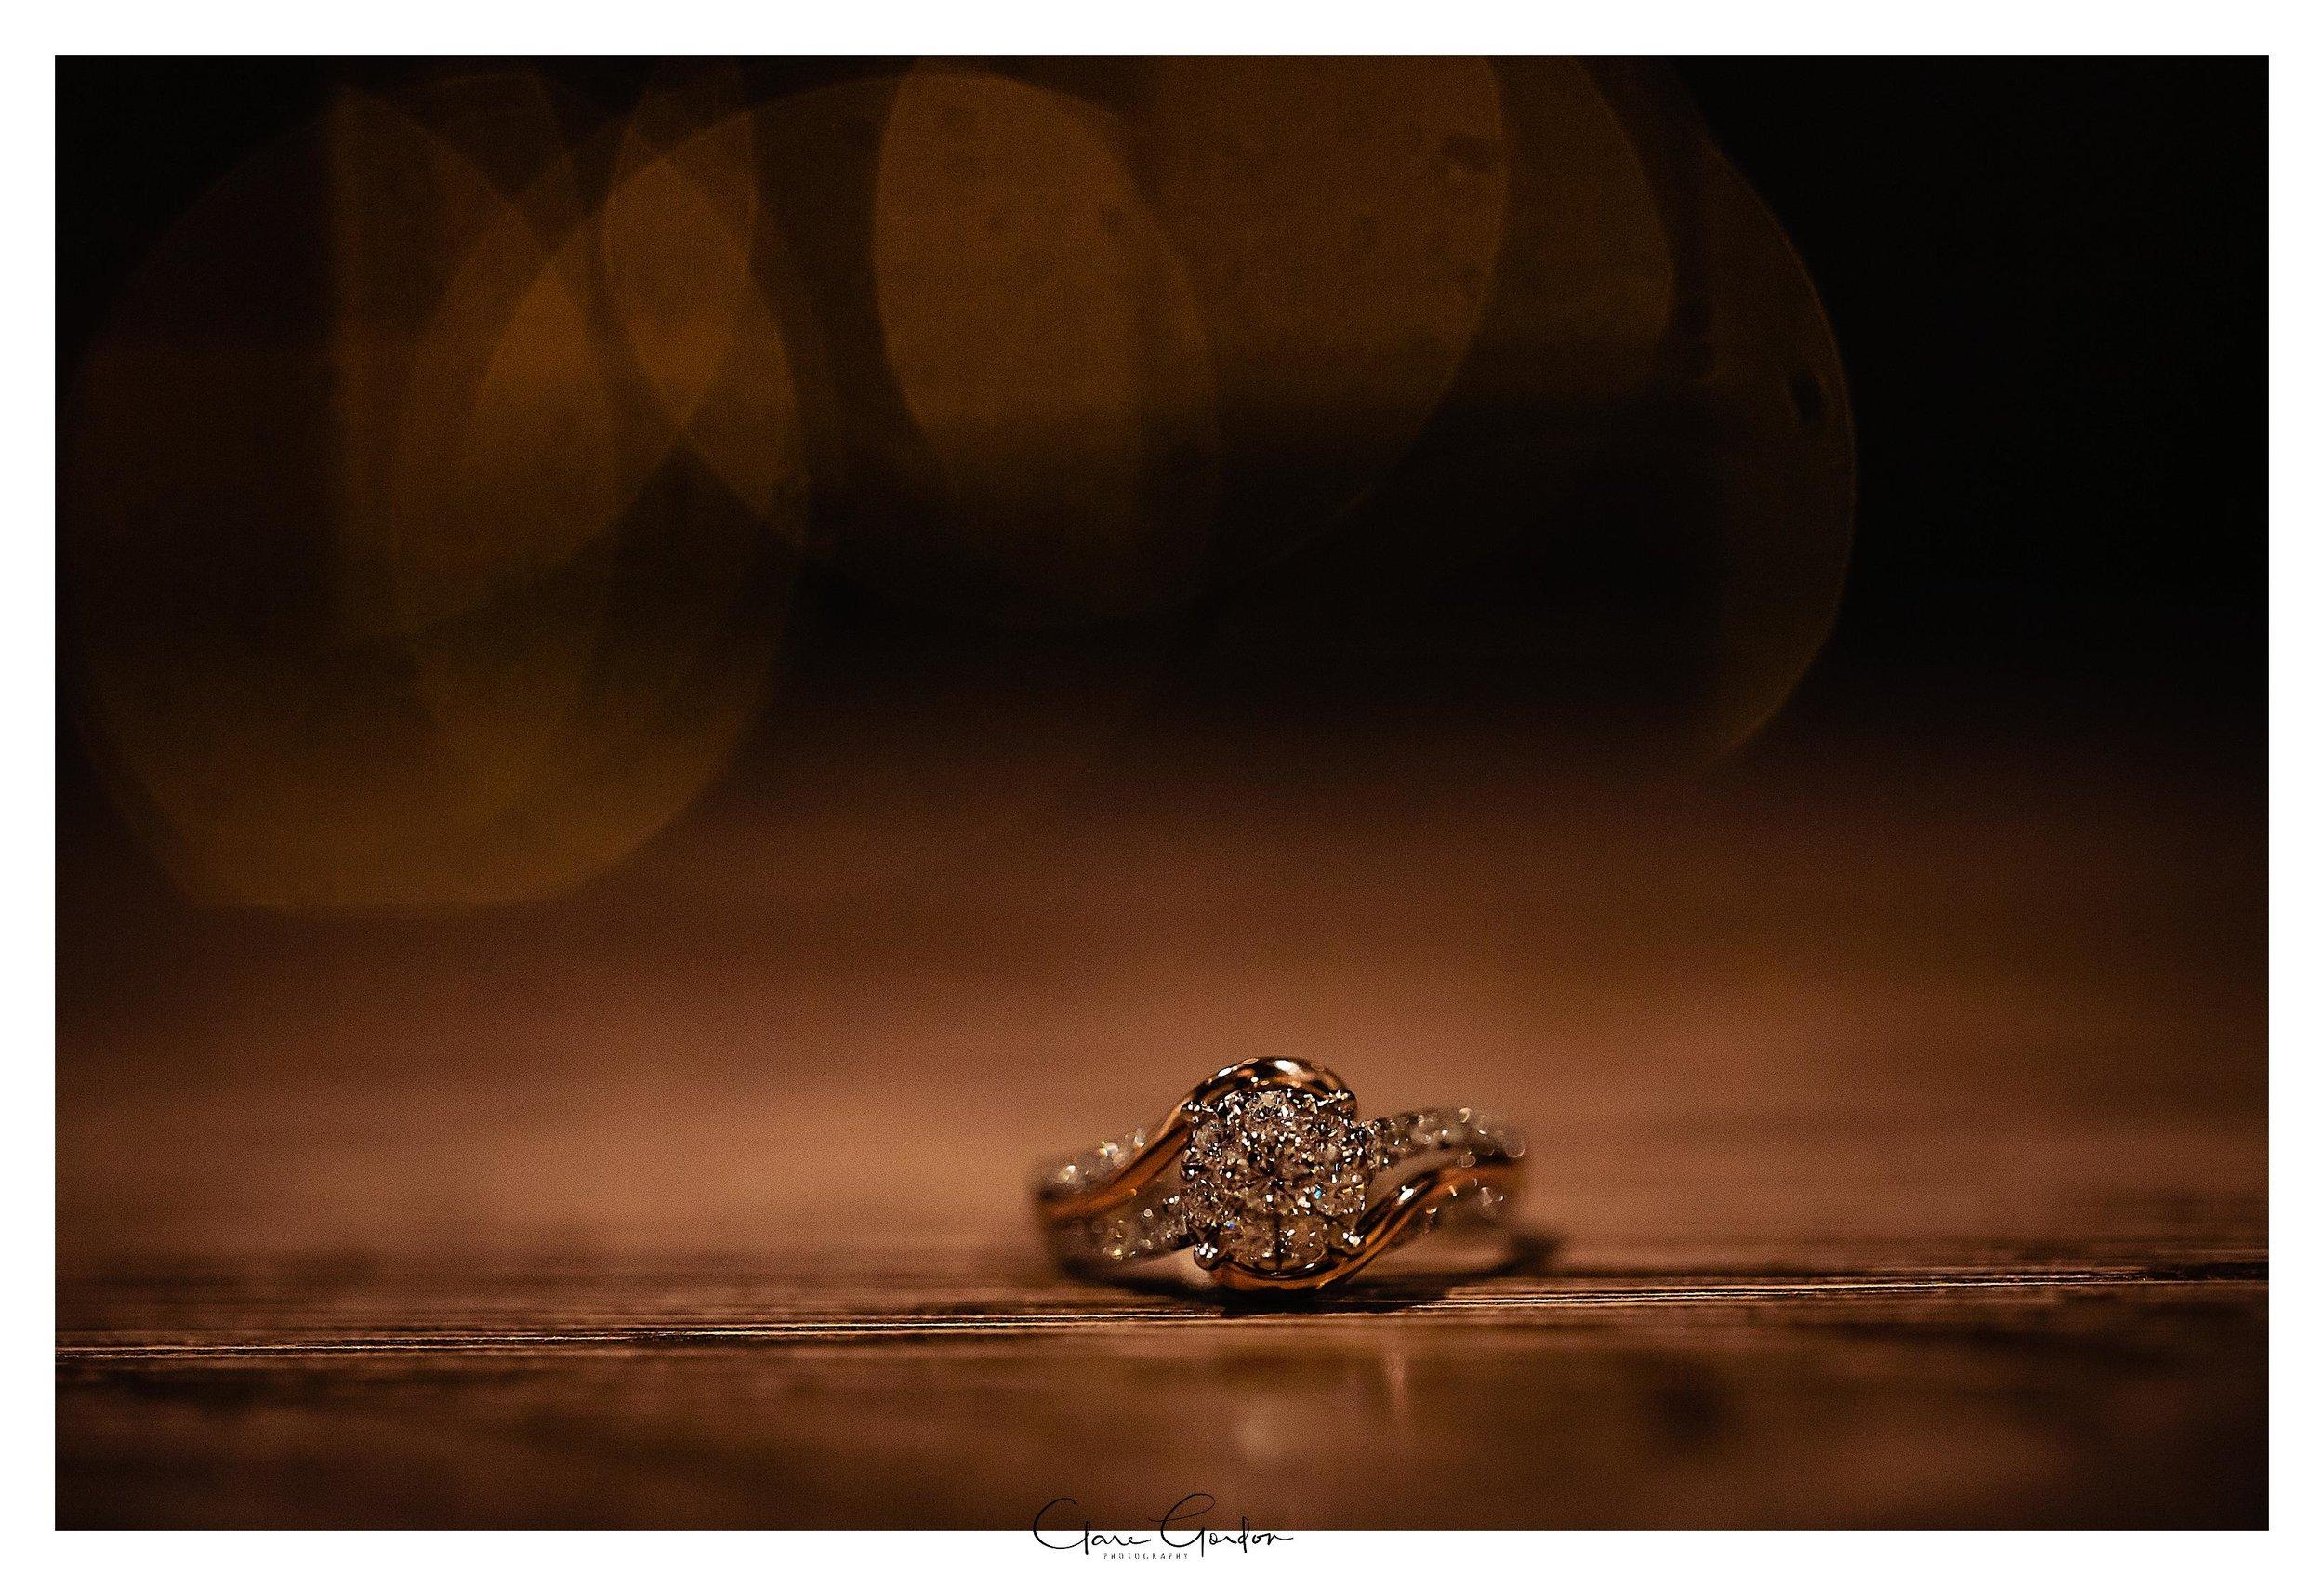 Suprise-Proposal-Engagement-photos-at-night-Raglan-Clare-Gordon-photography (5).jpg